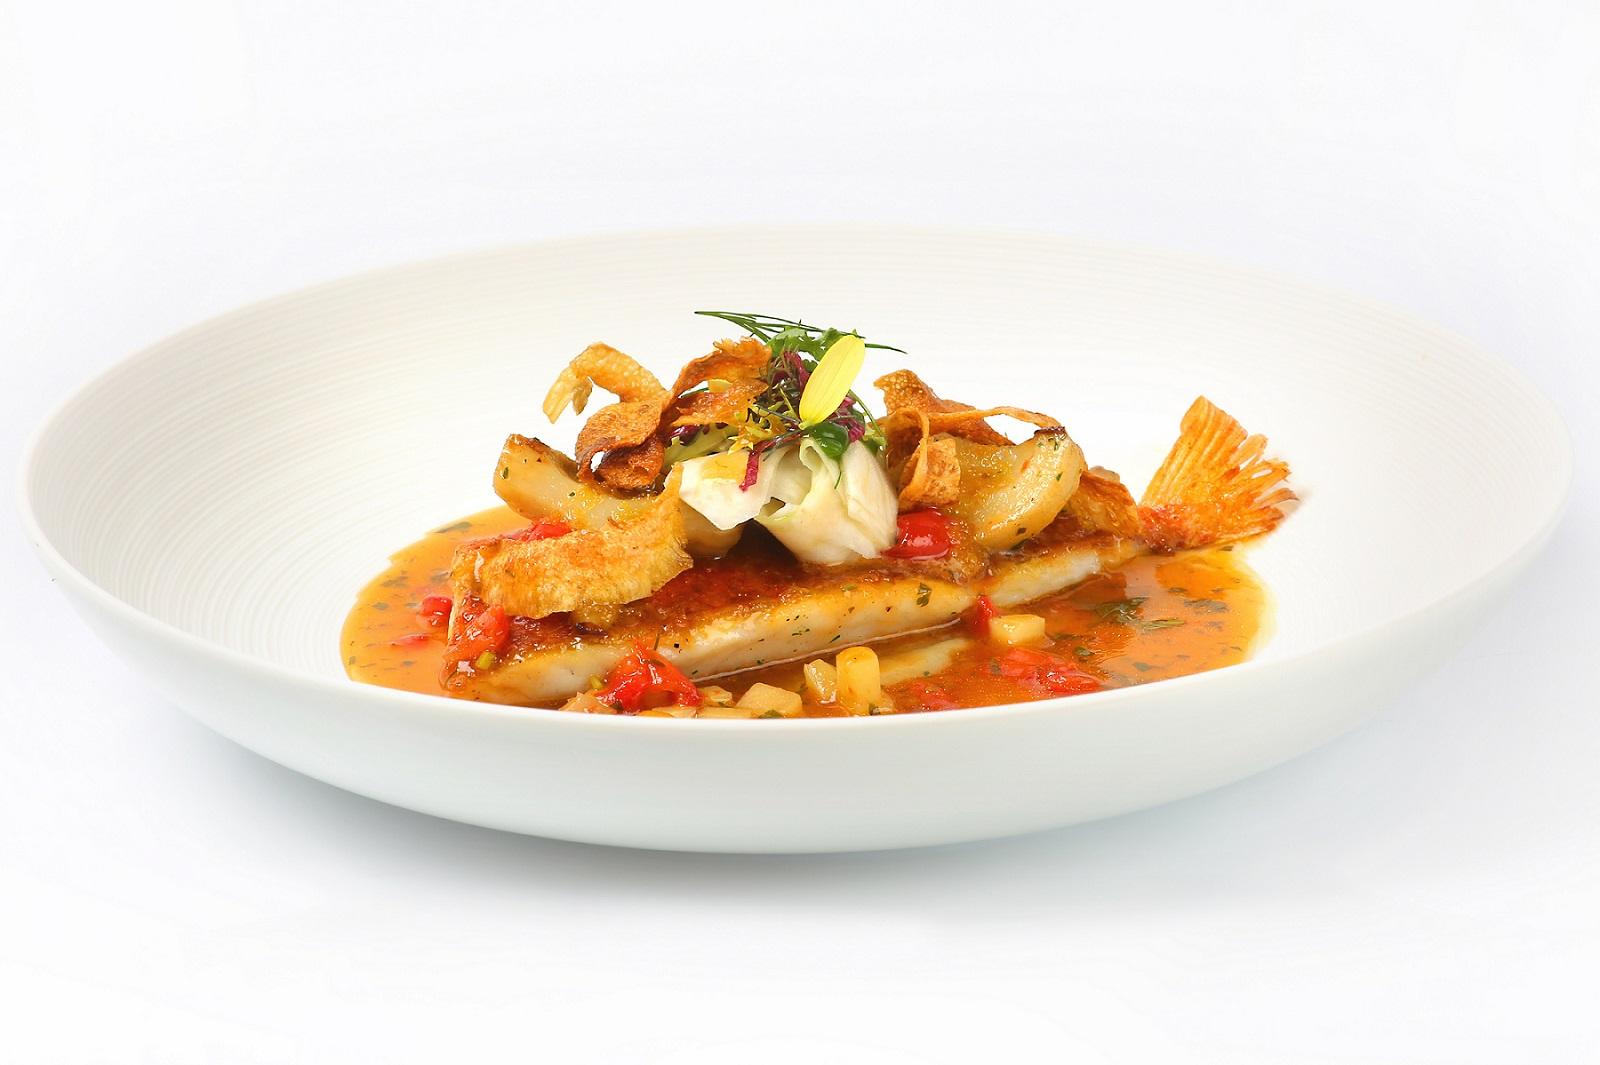 Atlantik-Rotbarbe, Artischoke, Bottarga, Sherry-Escabeche oder Junge Karotten, gelbes Thai-Curry, Kaffir-Limette